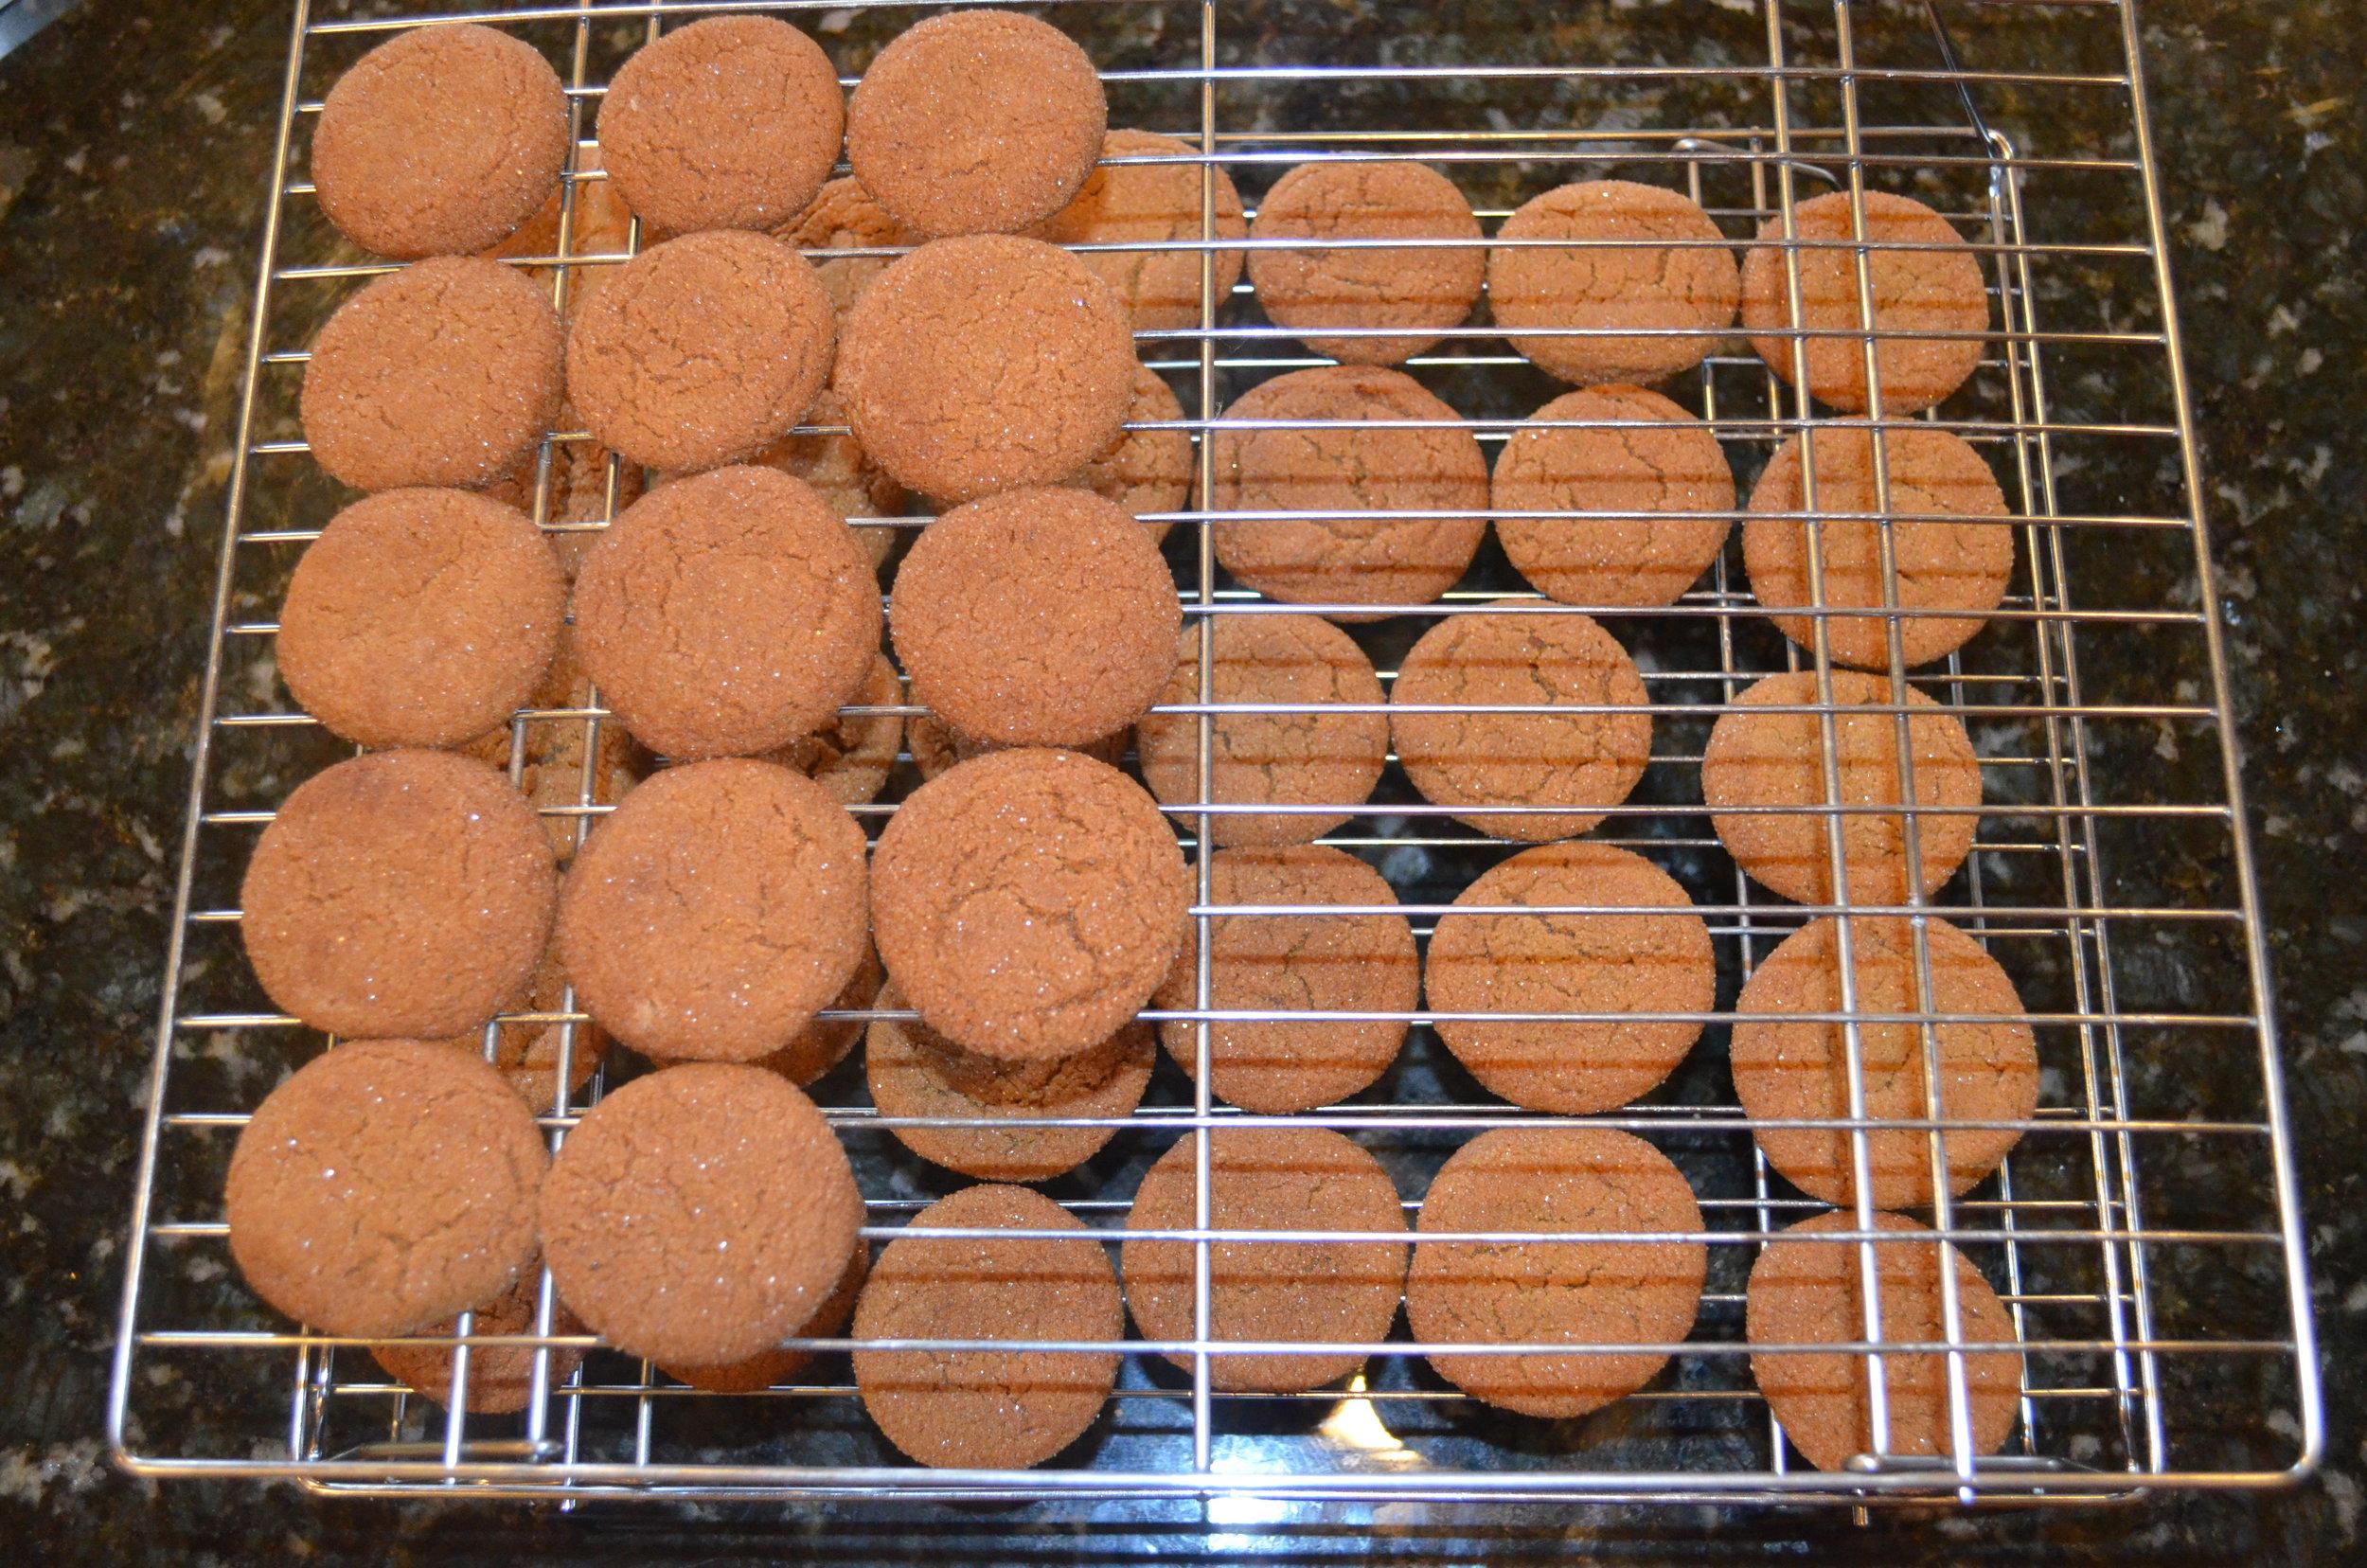 Not 72 cookies.